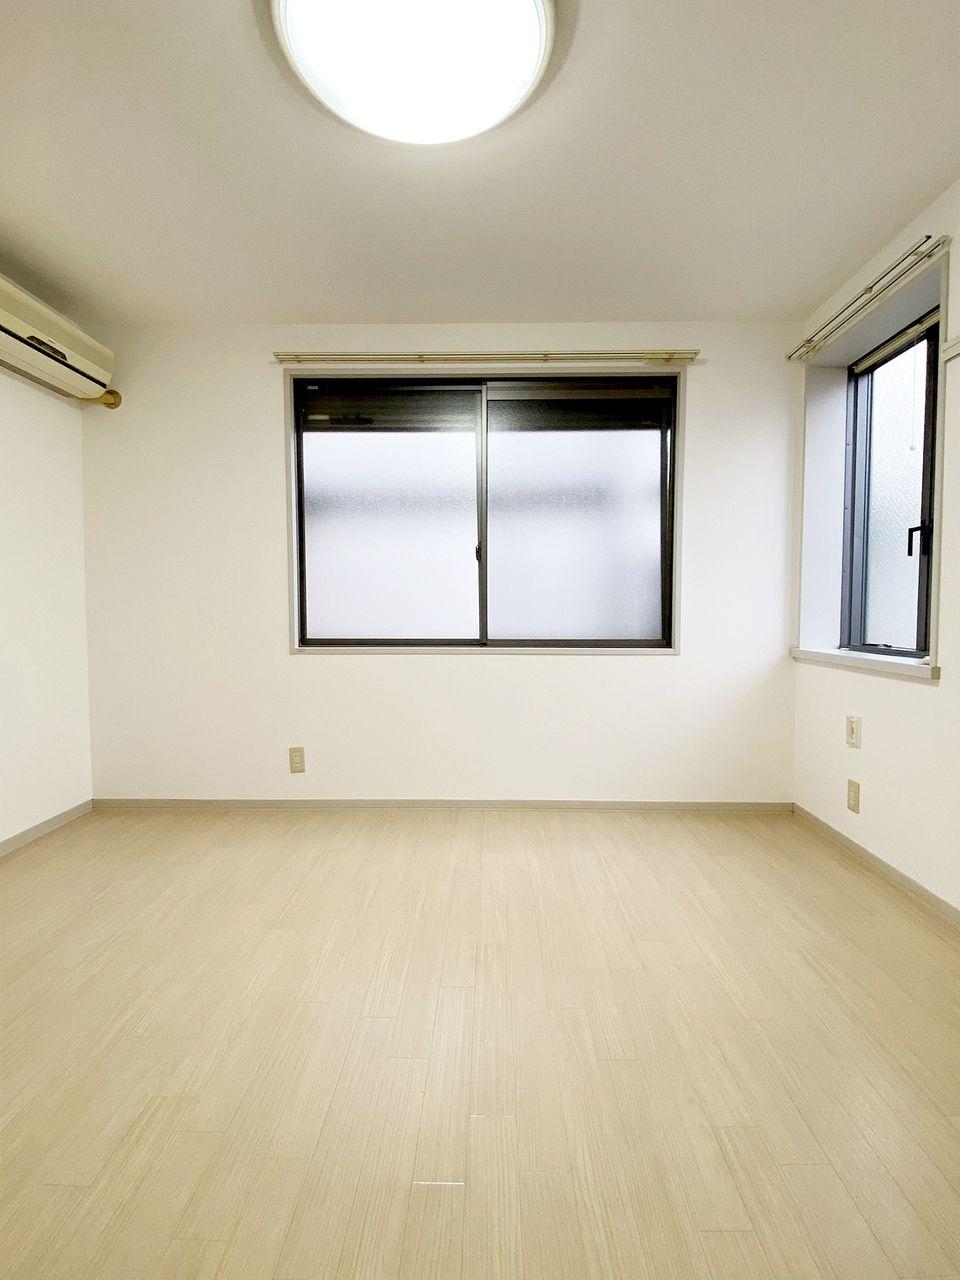 2面採光の明るいお部屋です ソレイユ池袋